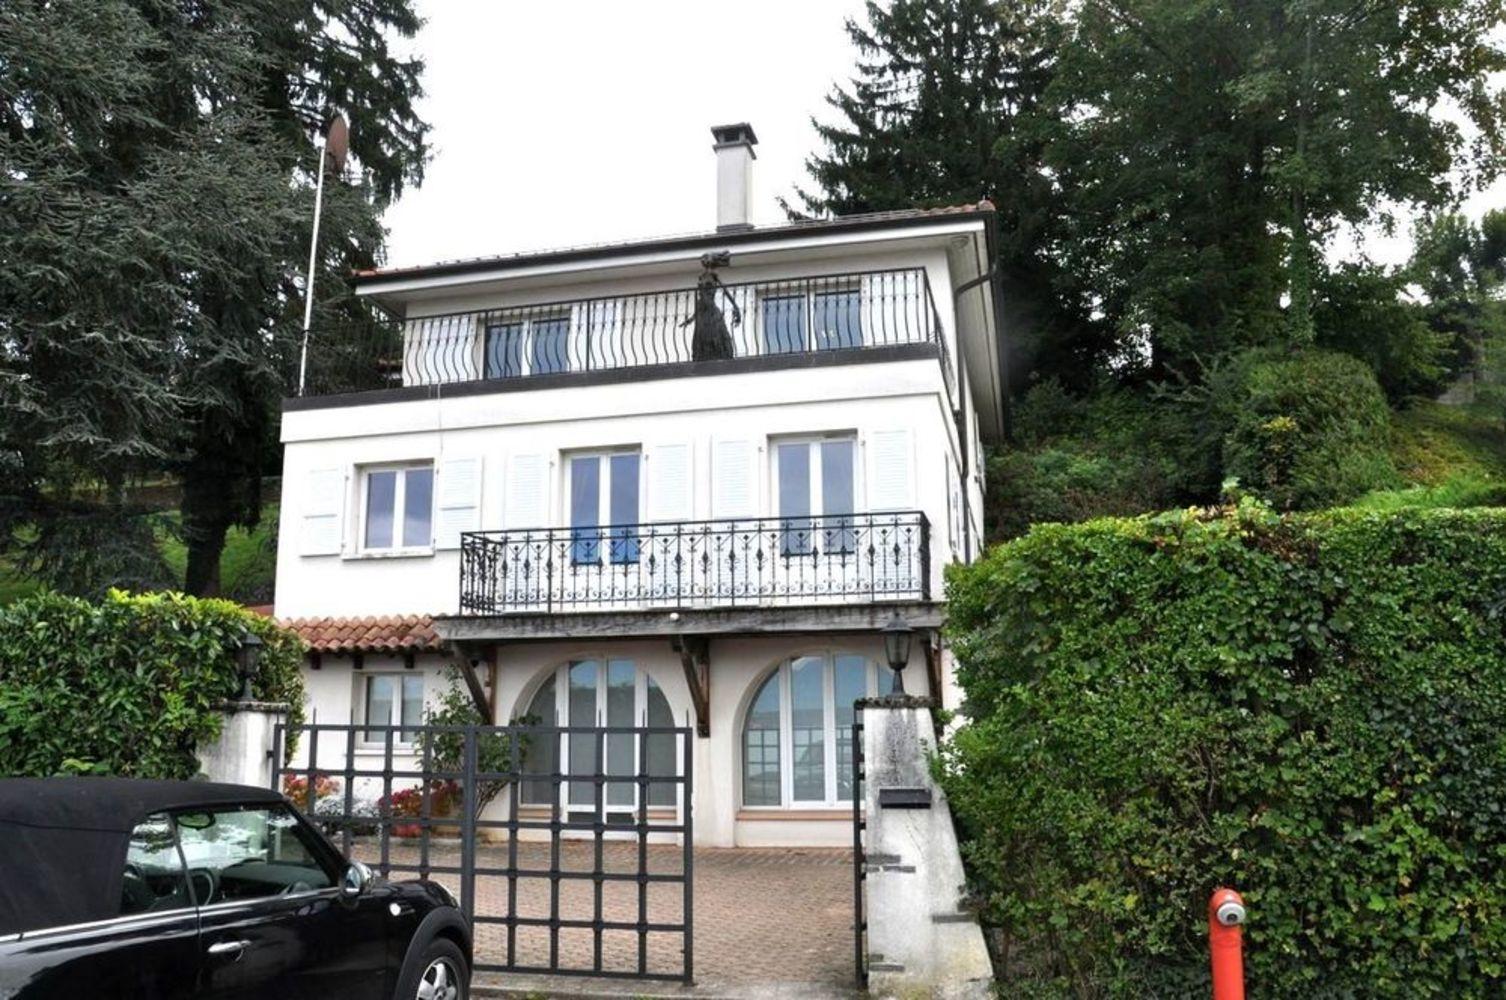 Maison avec escalier ext rieur fashion designs - Maison avec escalier exterieur ...